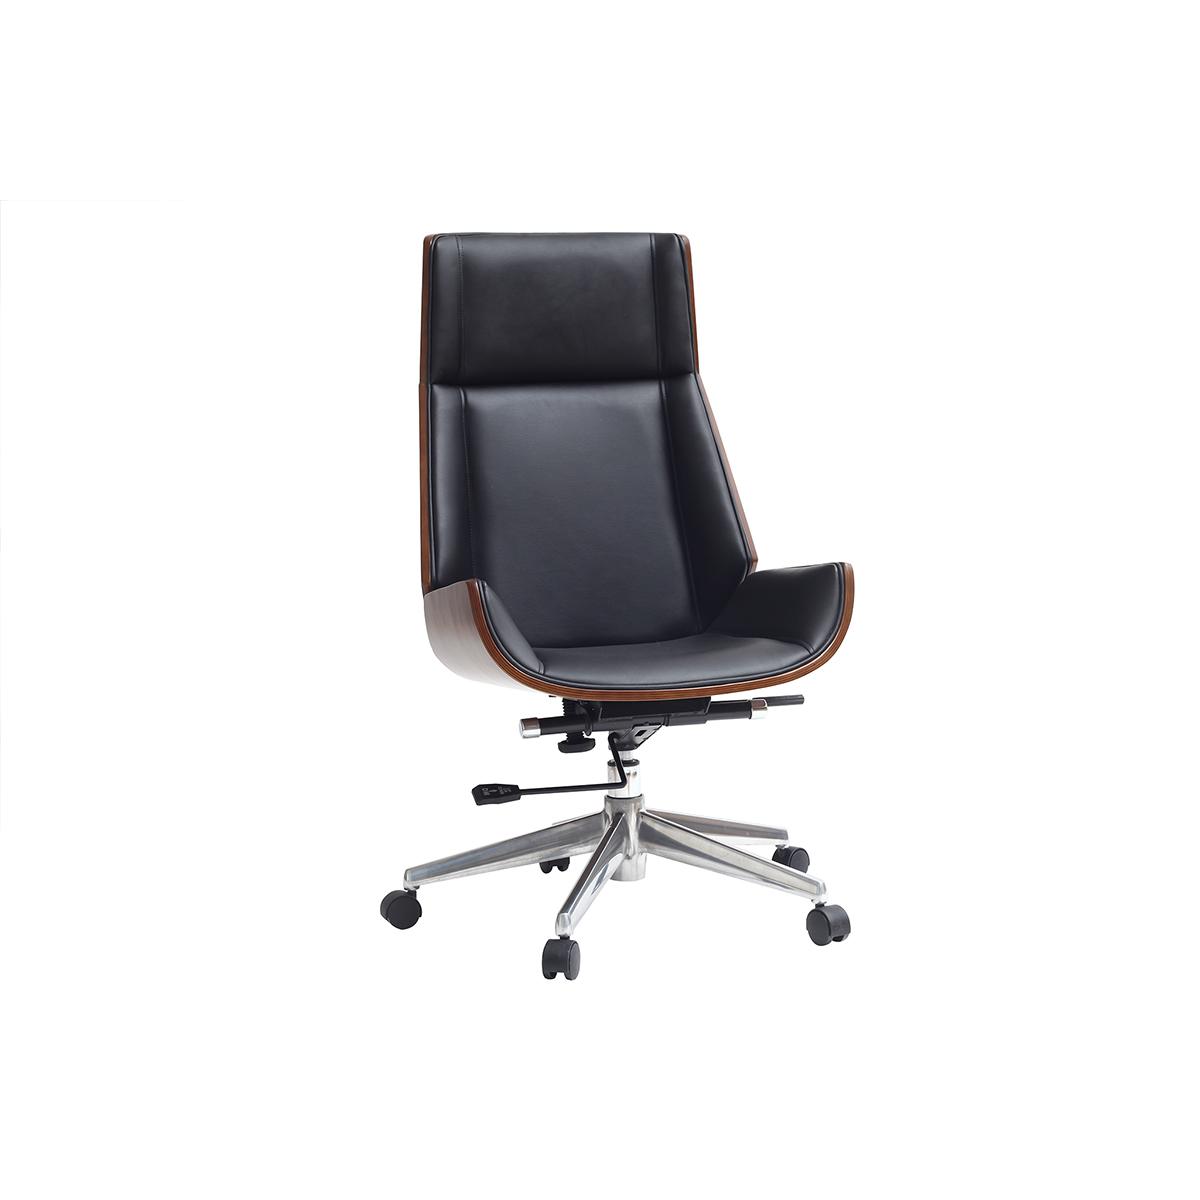 Poltrona da ufficio design legno scuro e nero curved for Design legno ufficio